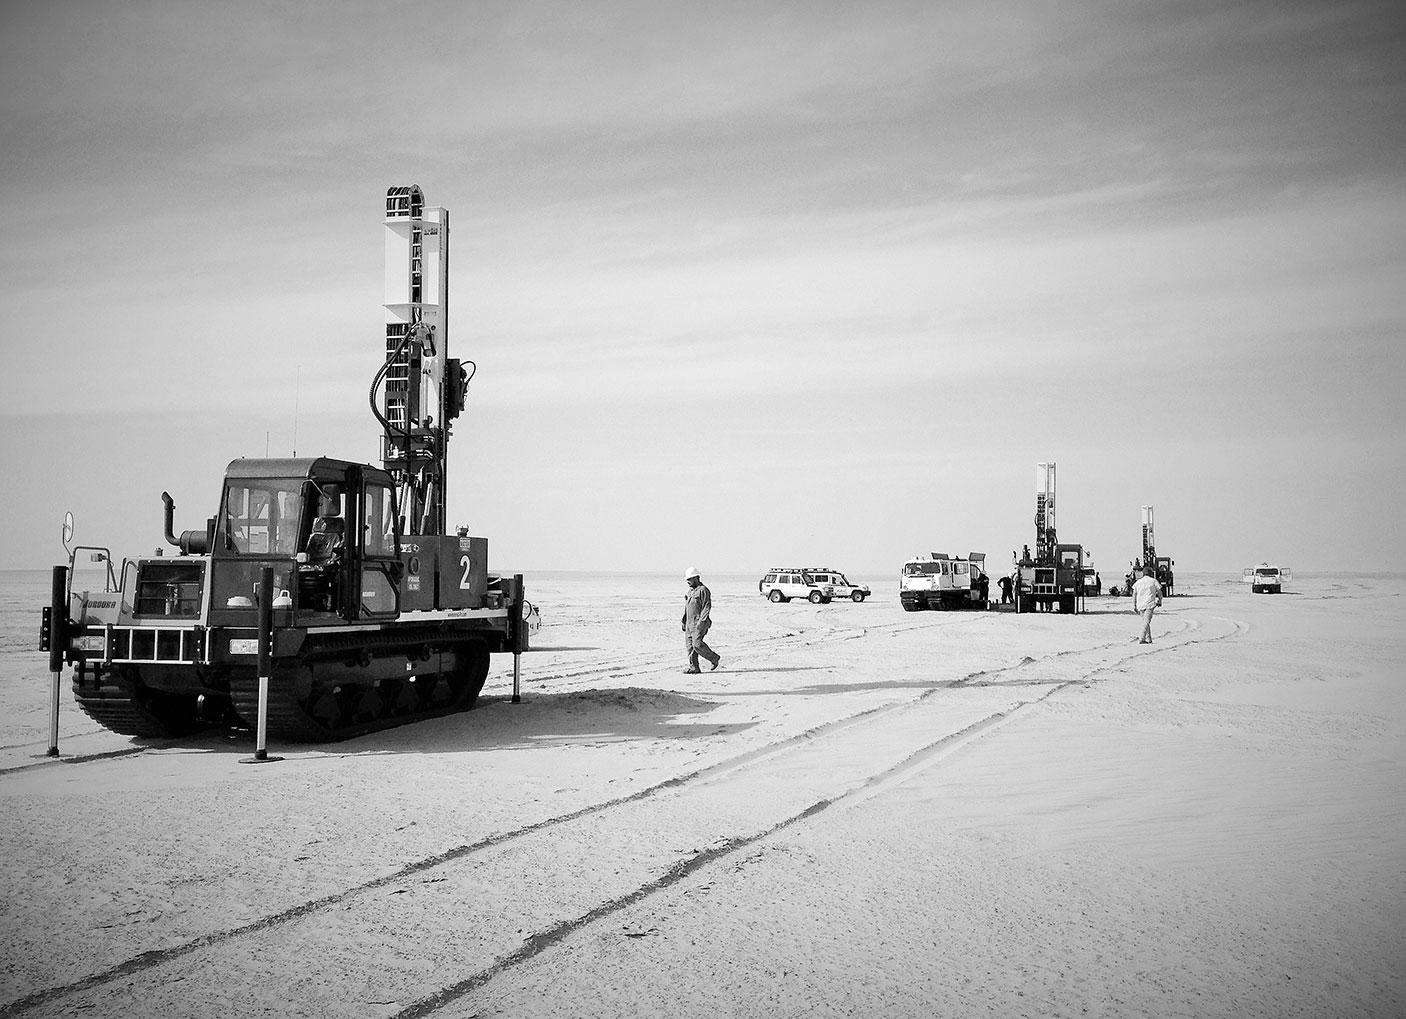 Constructeur de machines de forage, EMCI propose une large gamme de foreuses. Les machines conçues par EMCI, s'adressent aux professionnels intervenant dans les domaines de la géotechnique, de la géophysique et de l'environnement. Découvrez notre histoire.